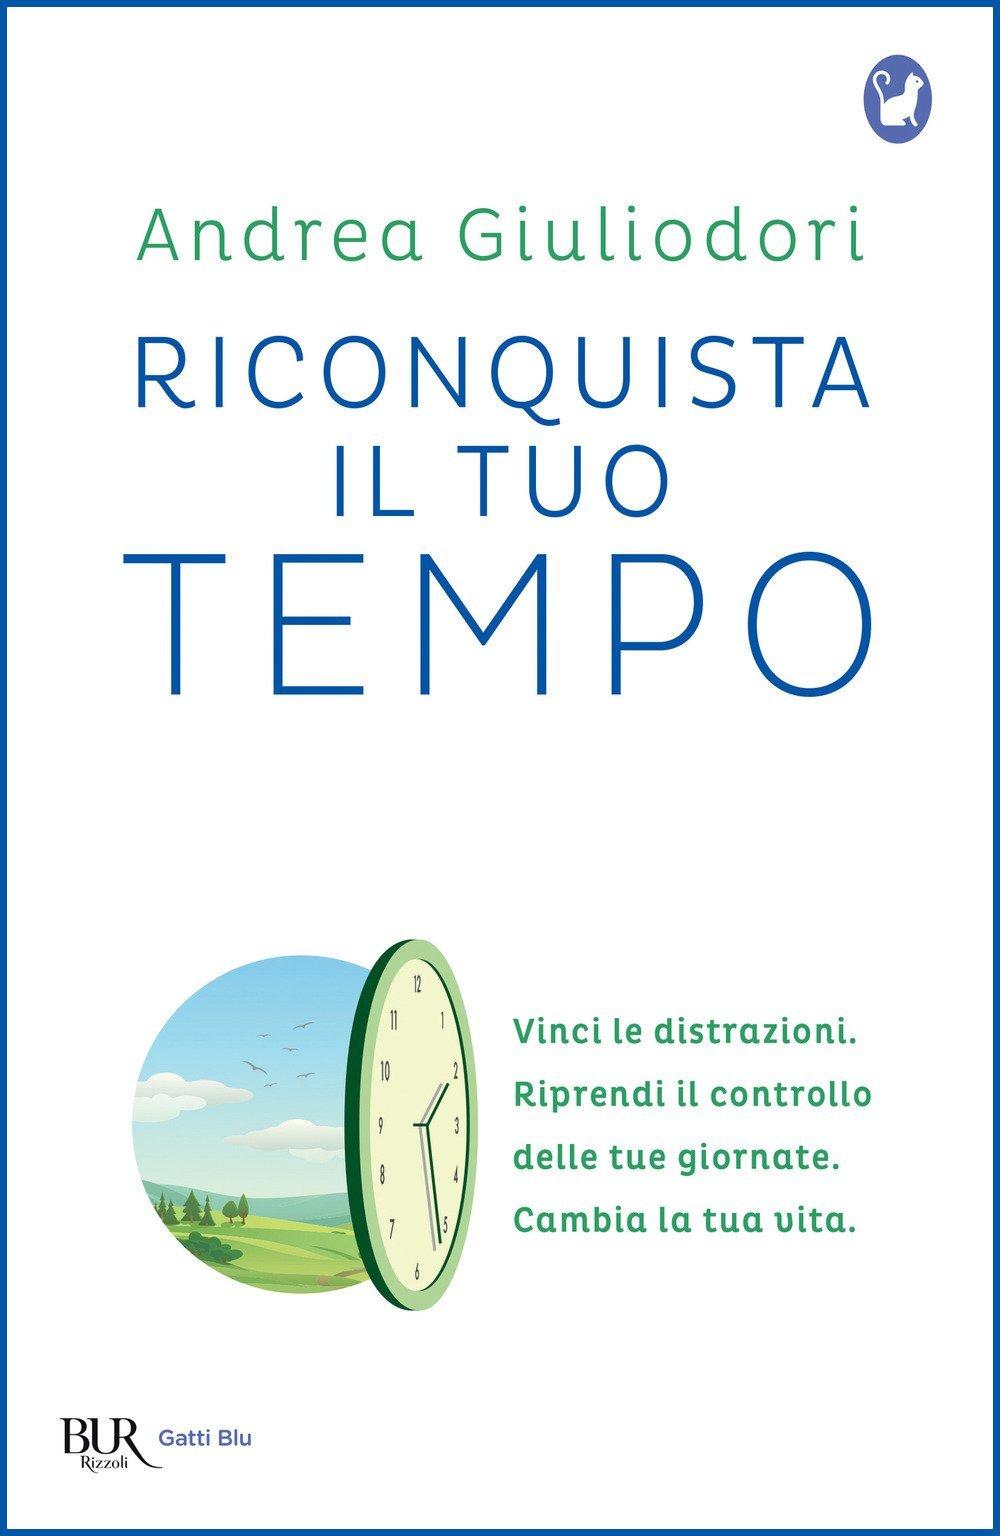 Riconquista il tuo Tempo ebook gratis - Riconquista il tuo Tempo di Andrea Giuliodori